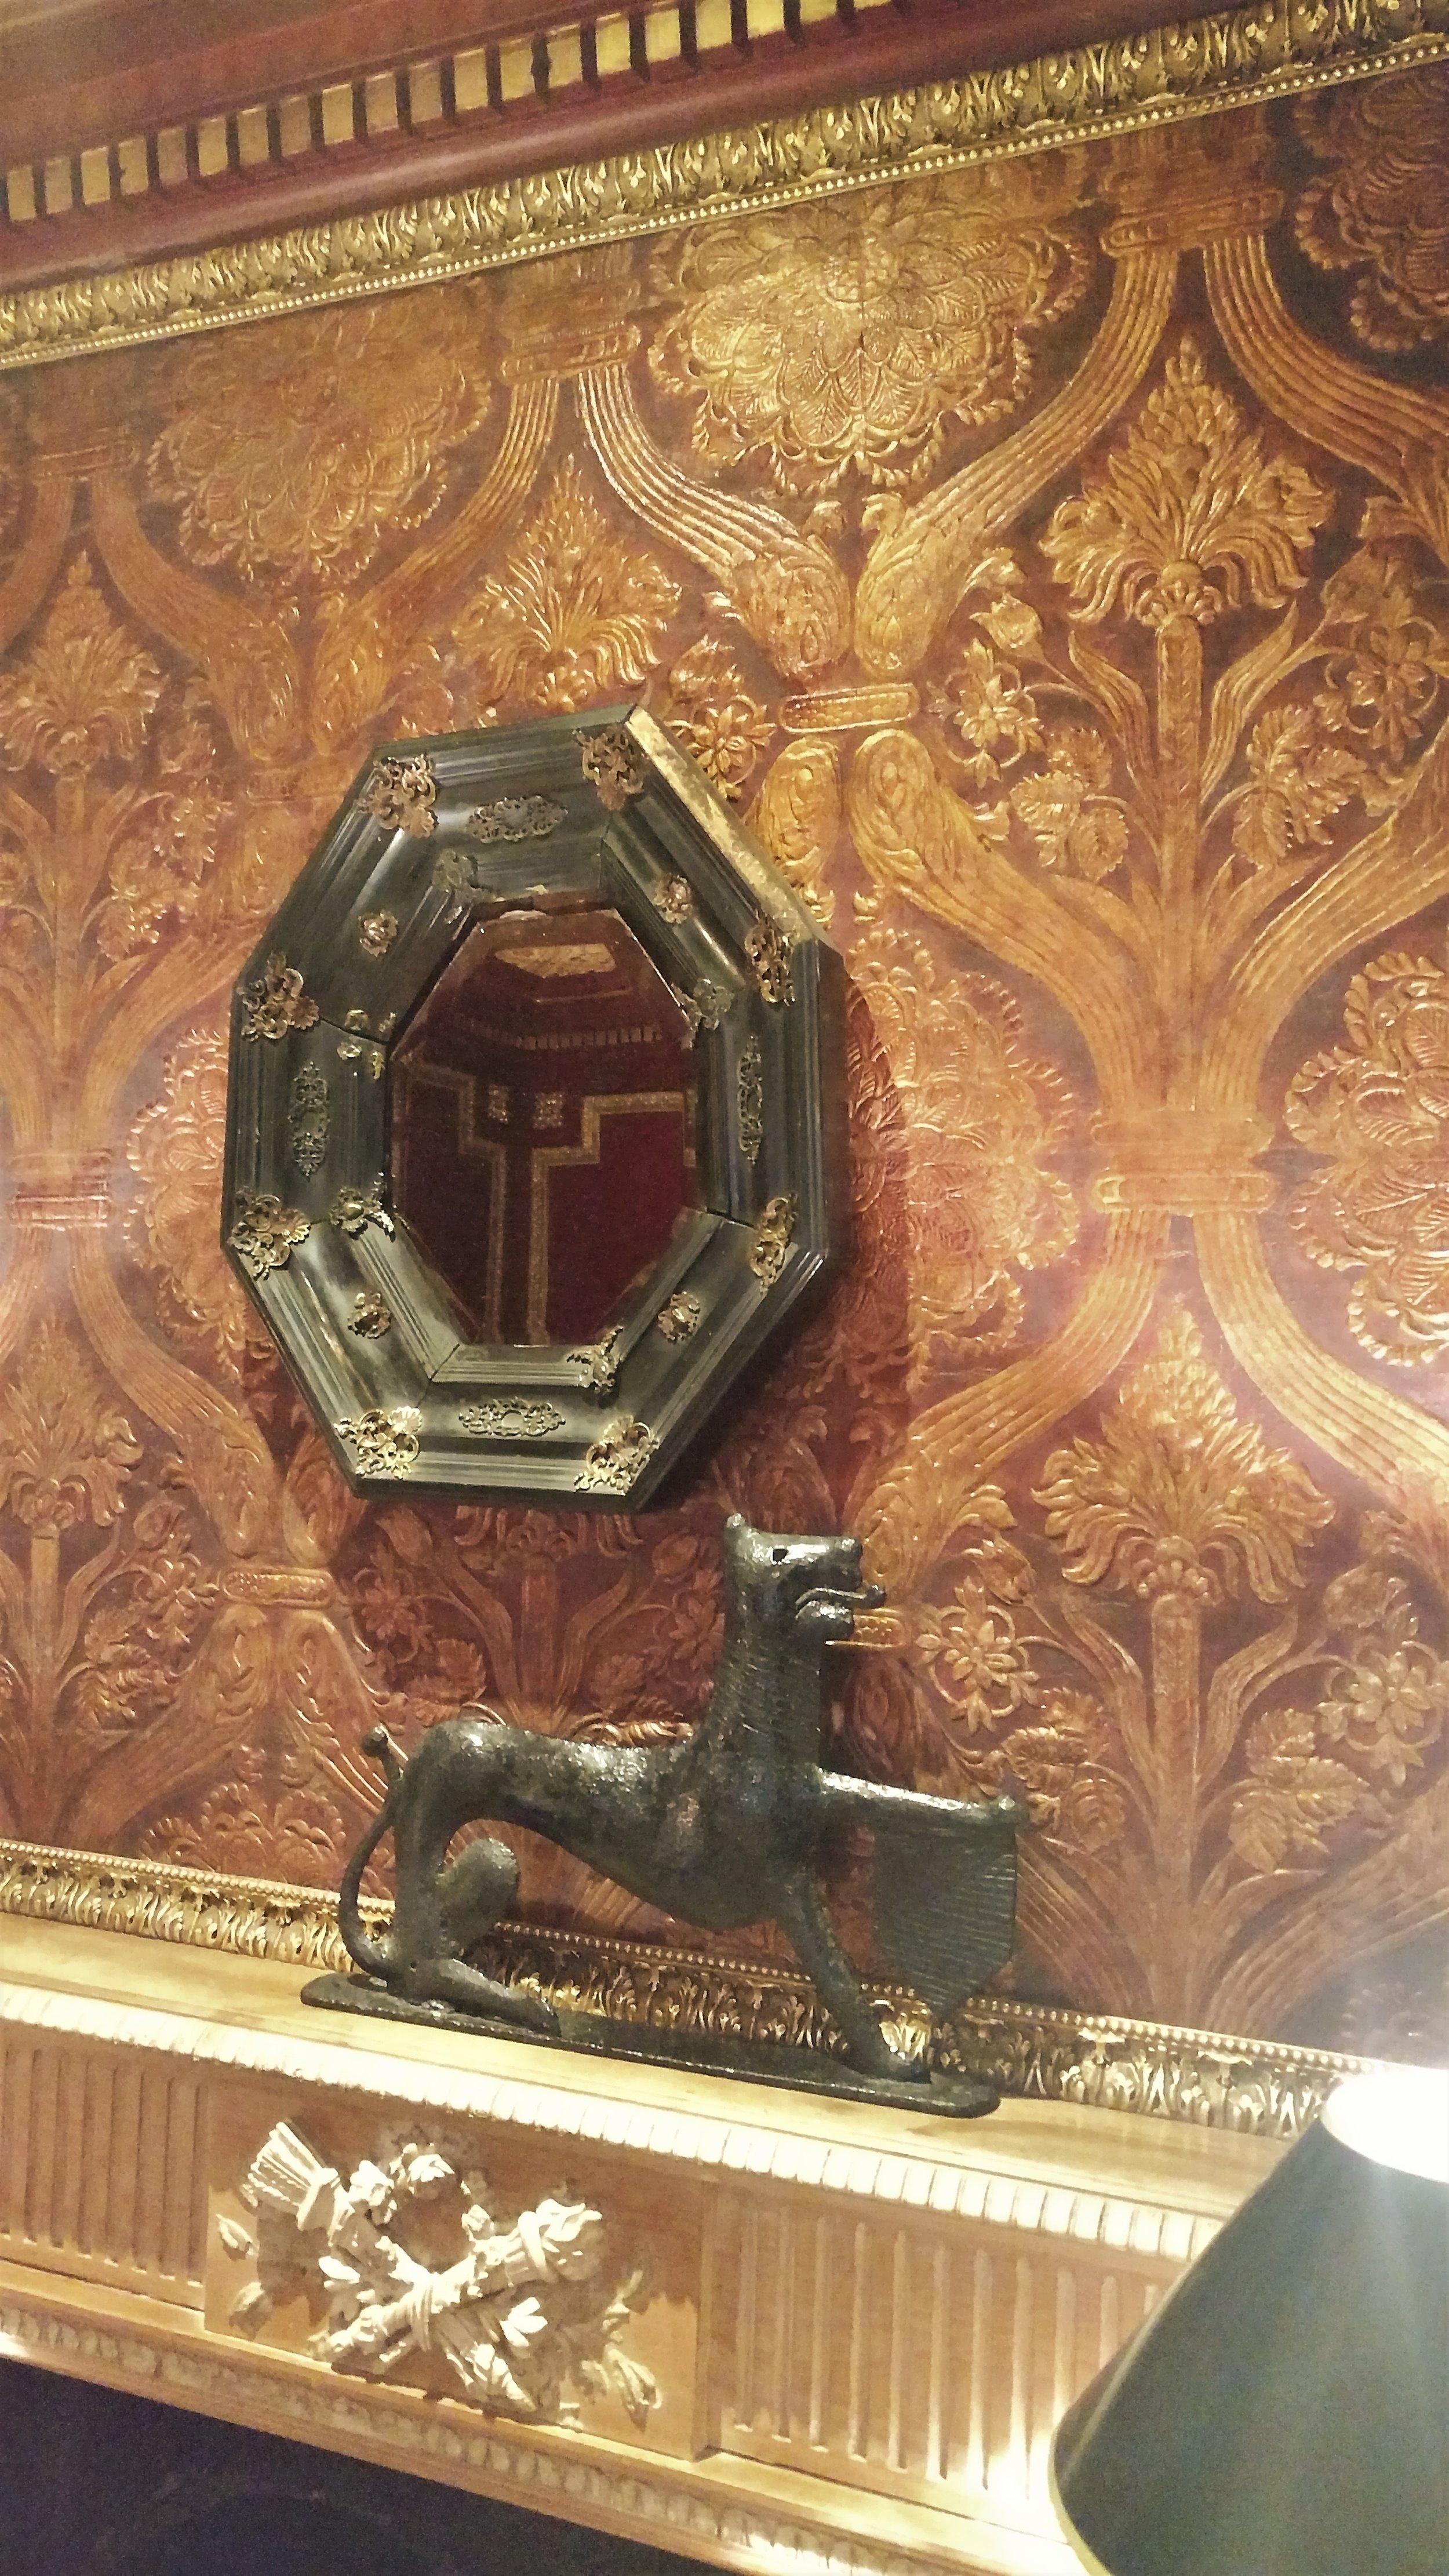 Suite-Wallpaper-Detail.jpg